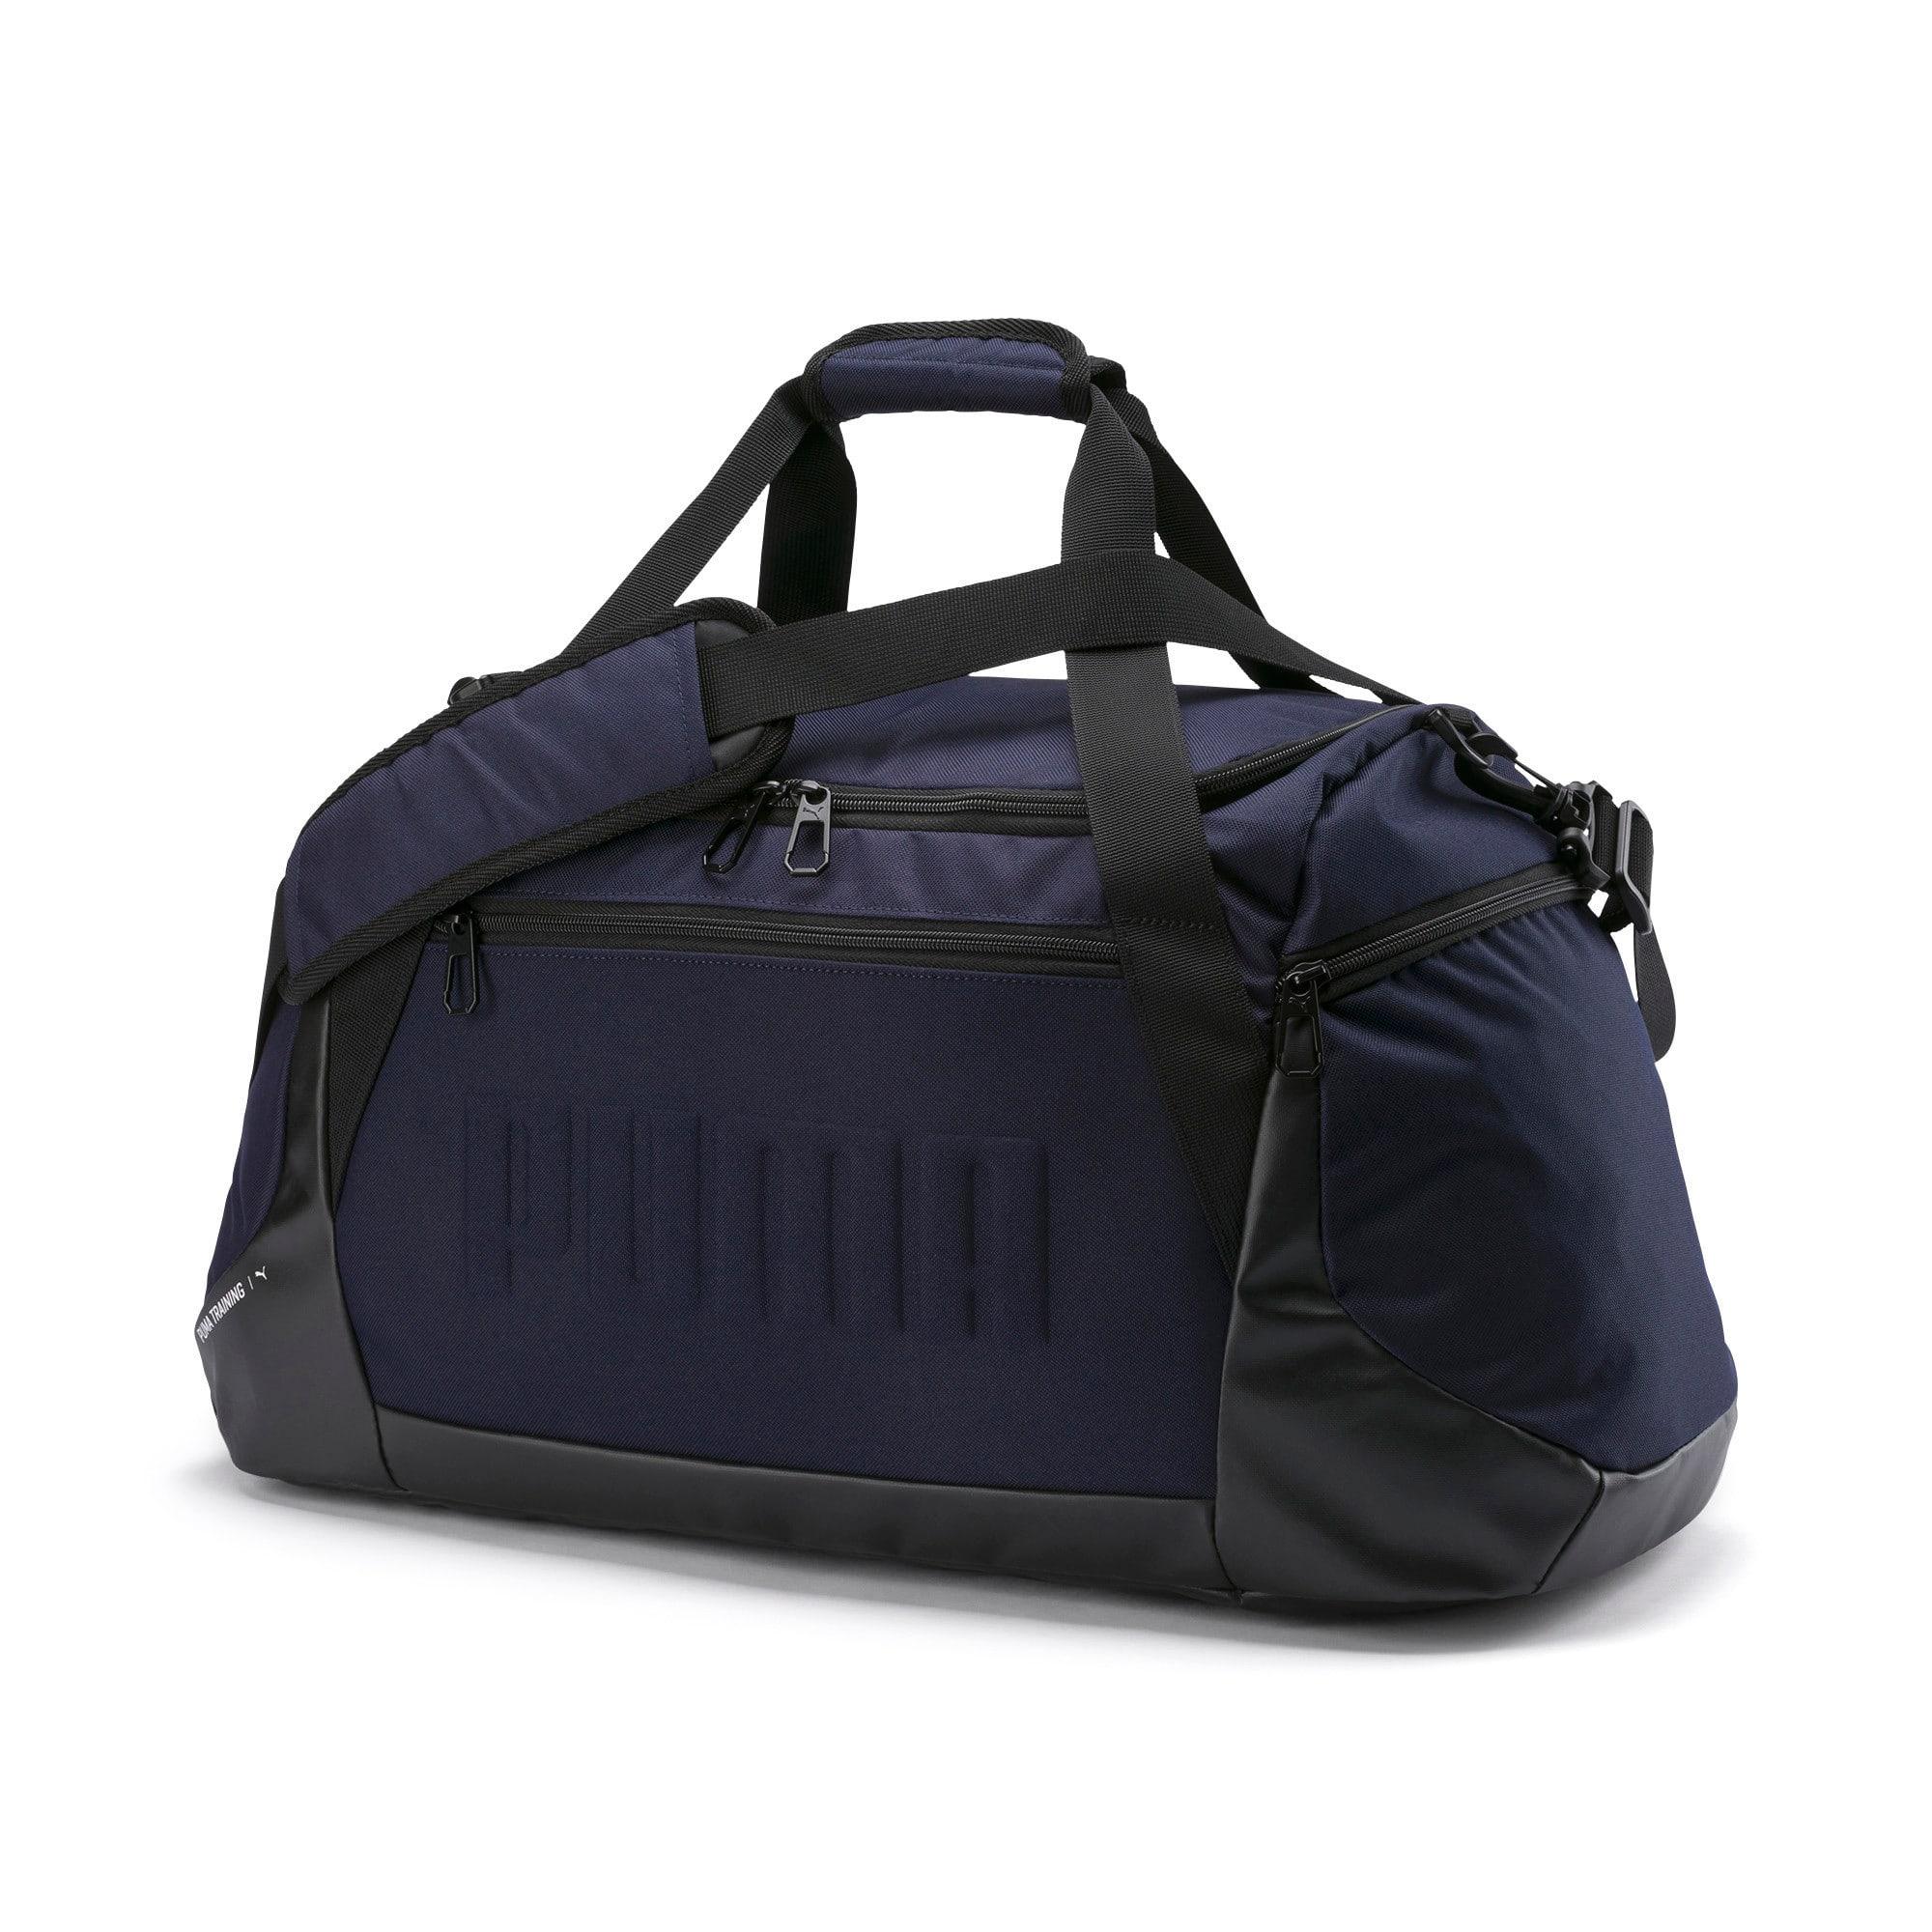 Thumbnail 1 of GYM Medium Duffle Bag, Peacoat, medium